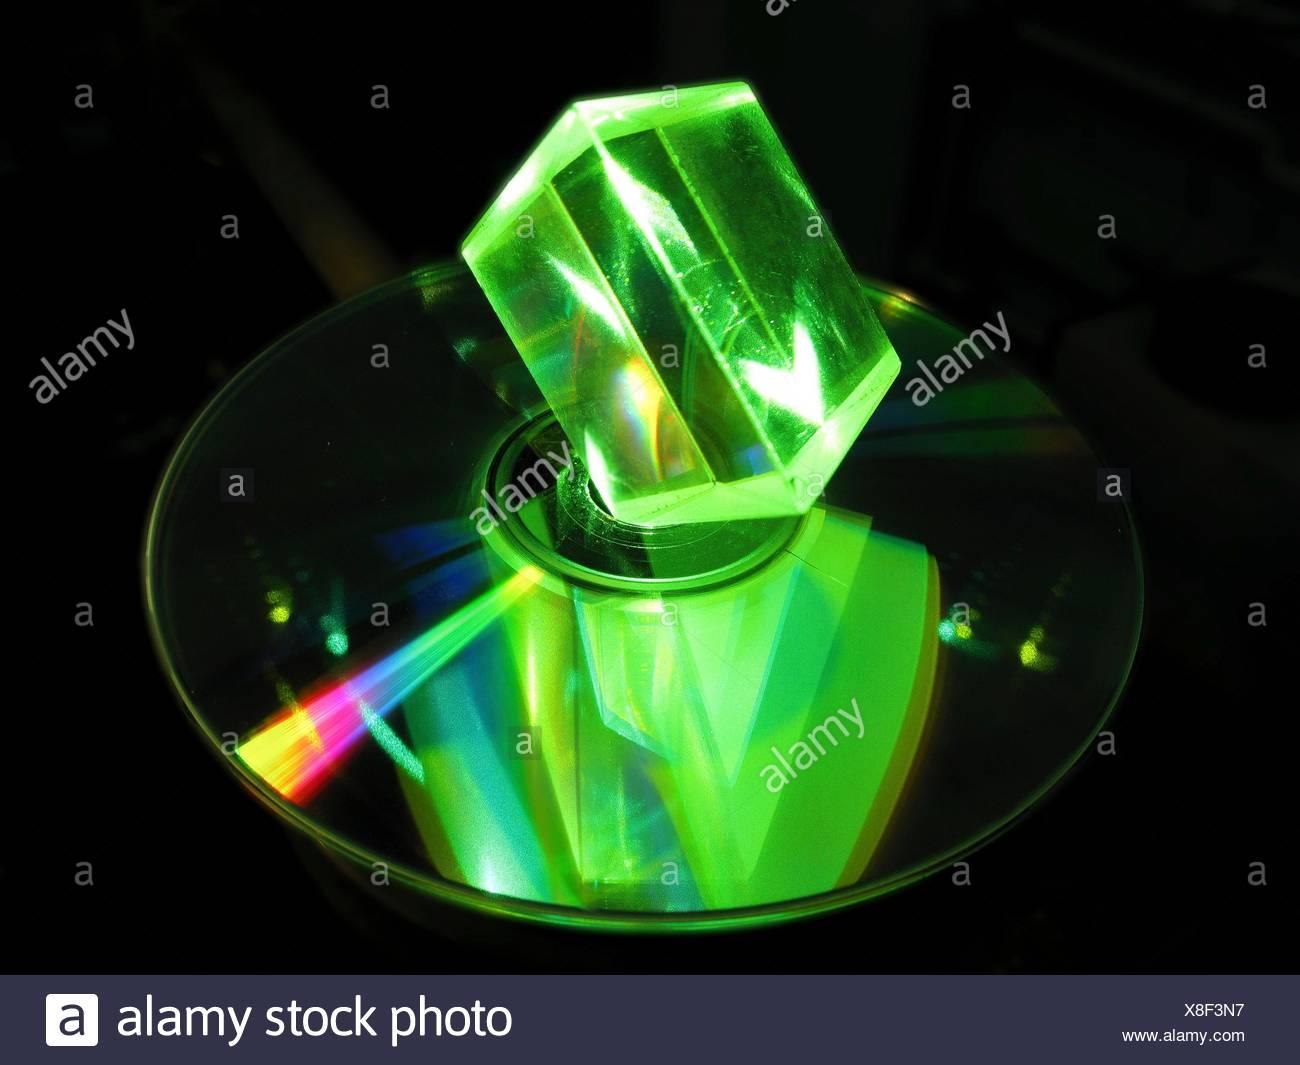 Prisma de vidrio y láser. Prisma de vidrio iluminado con luz láser verde, con un reflejo visto en un disco óptico. Discos compactos (CD) y los discos versátiles digitales (DVD) son ejemplos de discos ópticos. Prismas de vidrio óptico son dispositivos utilizados para refractar y di Foto de stock